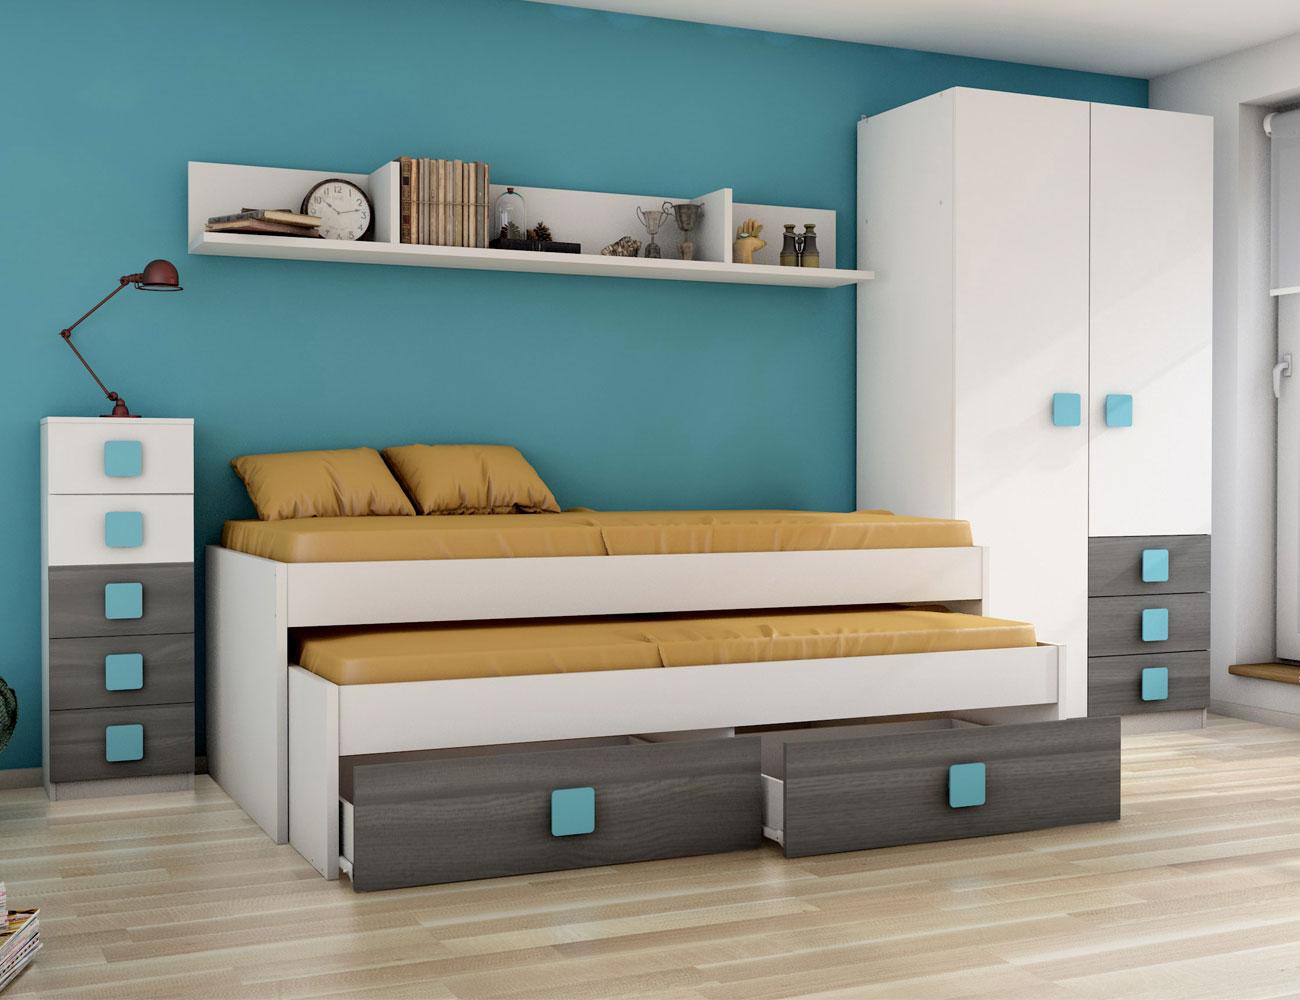 Dormitorio juvenil grafito ceniza azul3